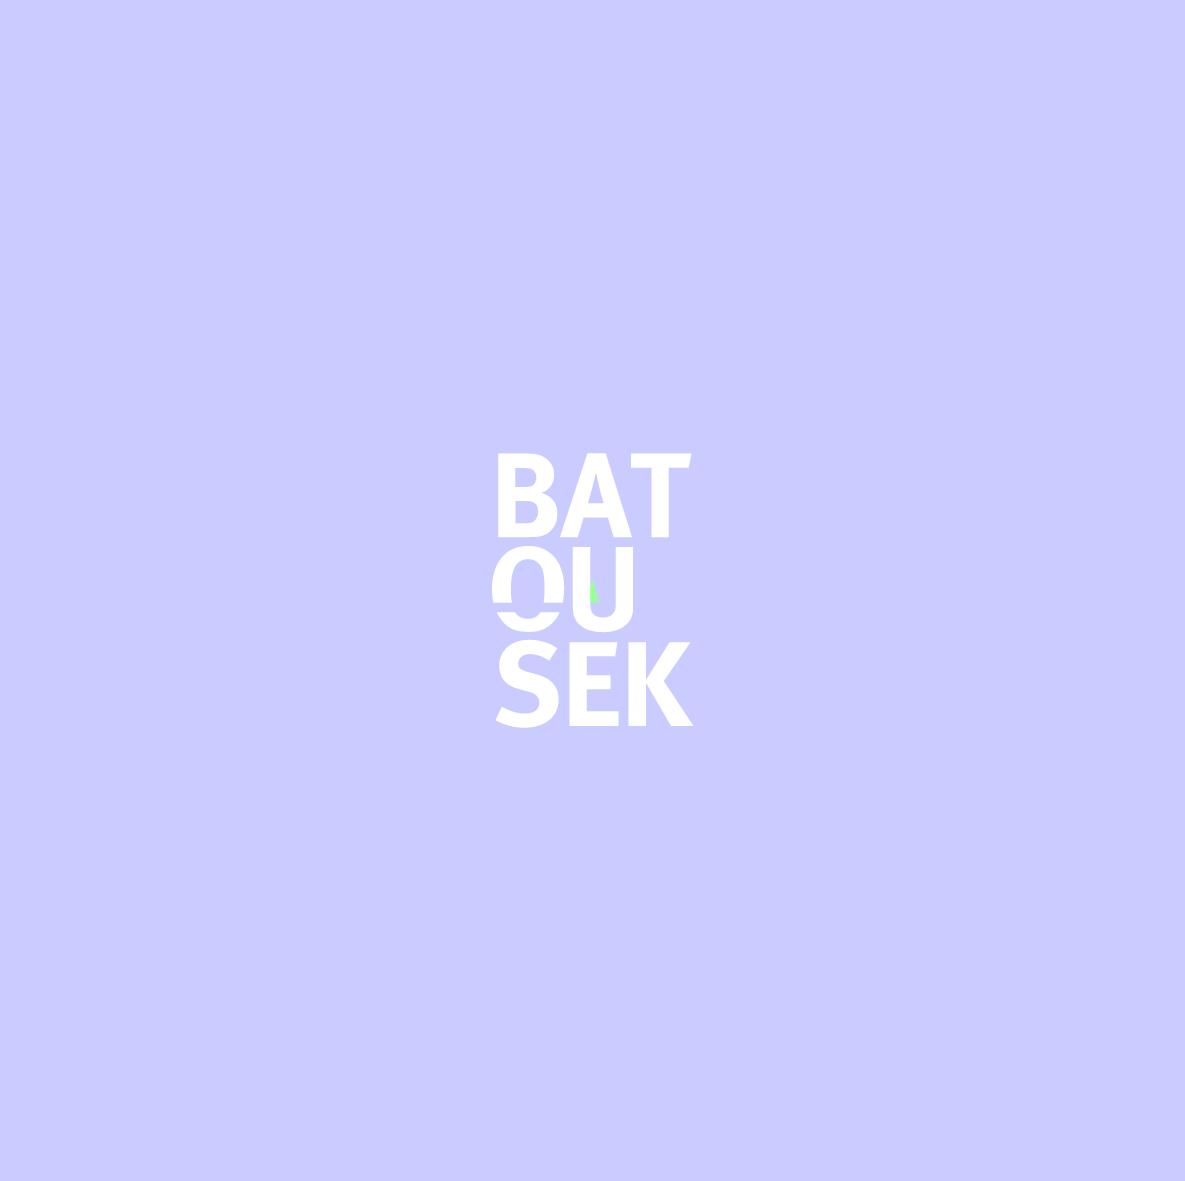 coloured logotype